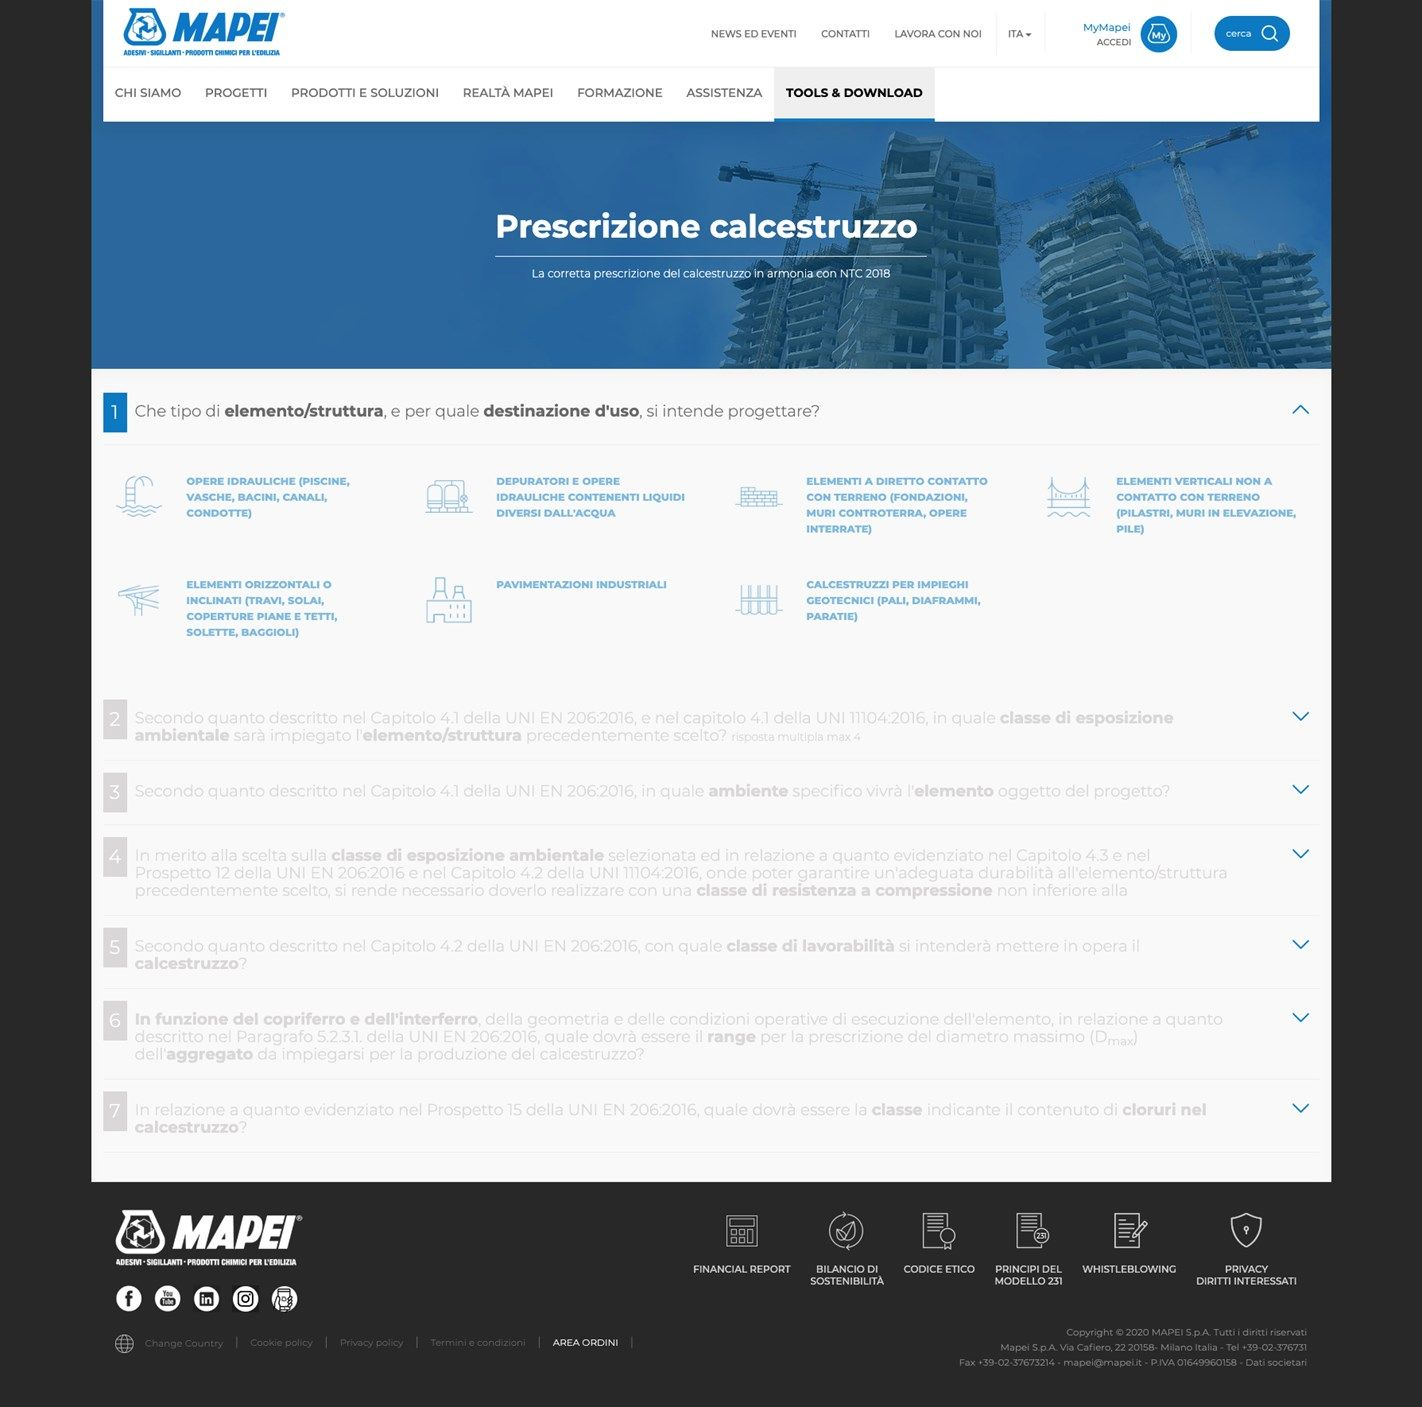 Mapei presenta il primo tool per la prescrizione del calcestruzzo  in accordo alle Norme Tecniche per le Costruzioni 2018